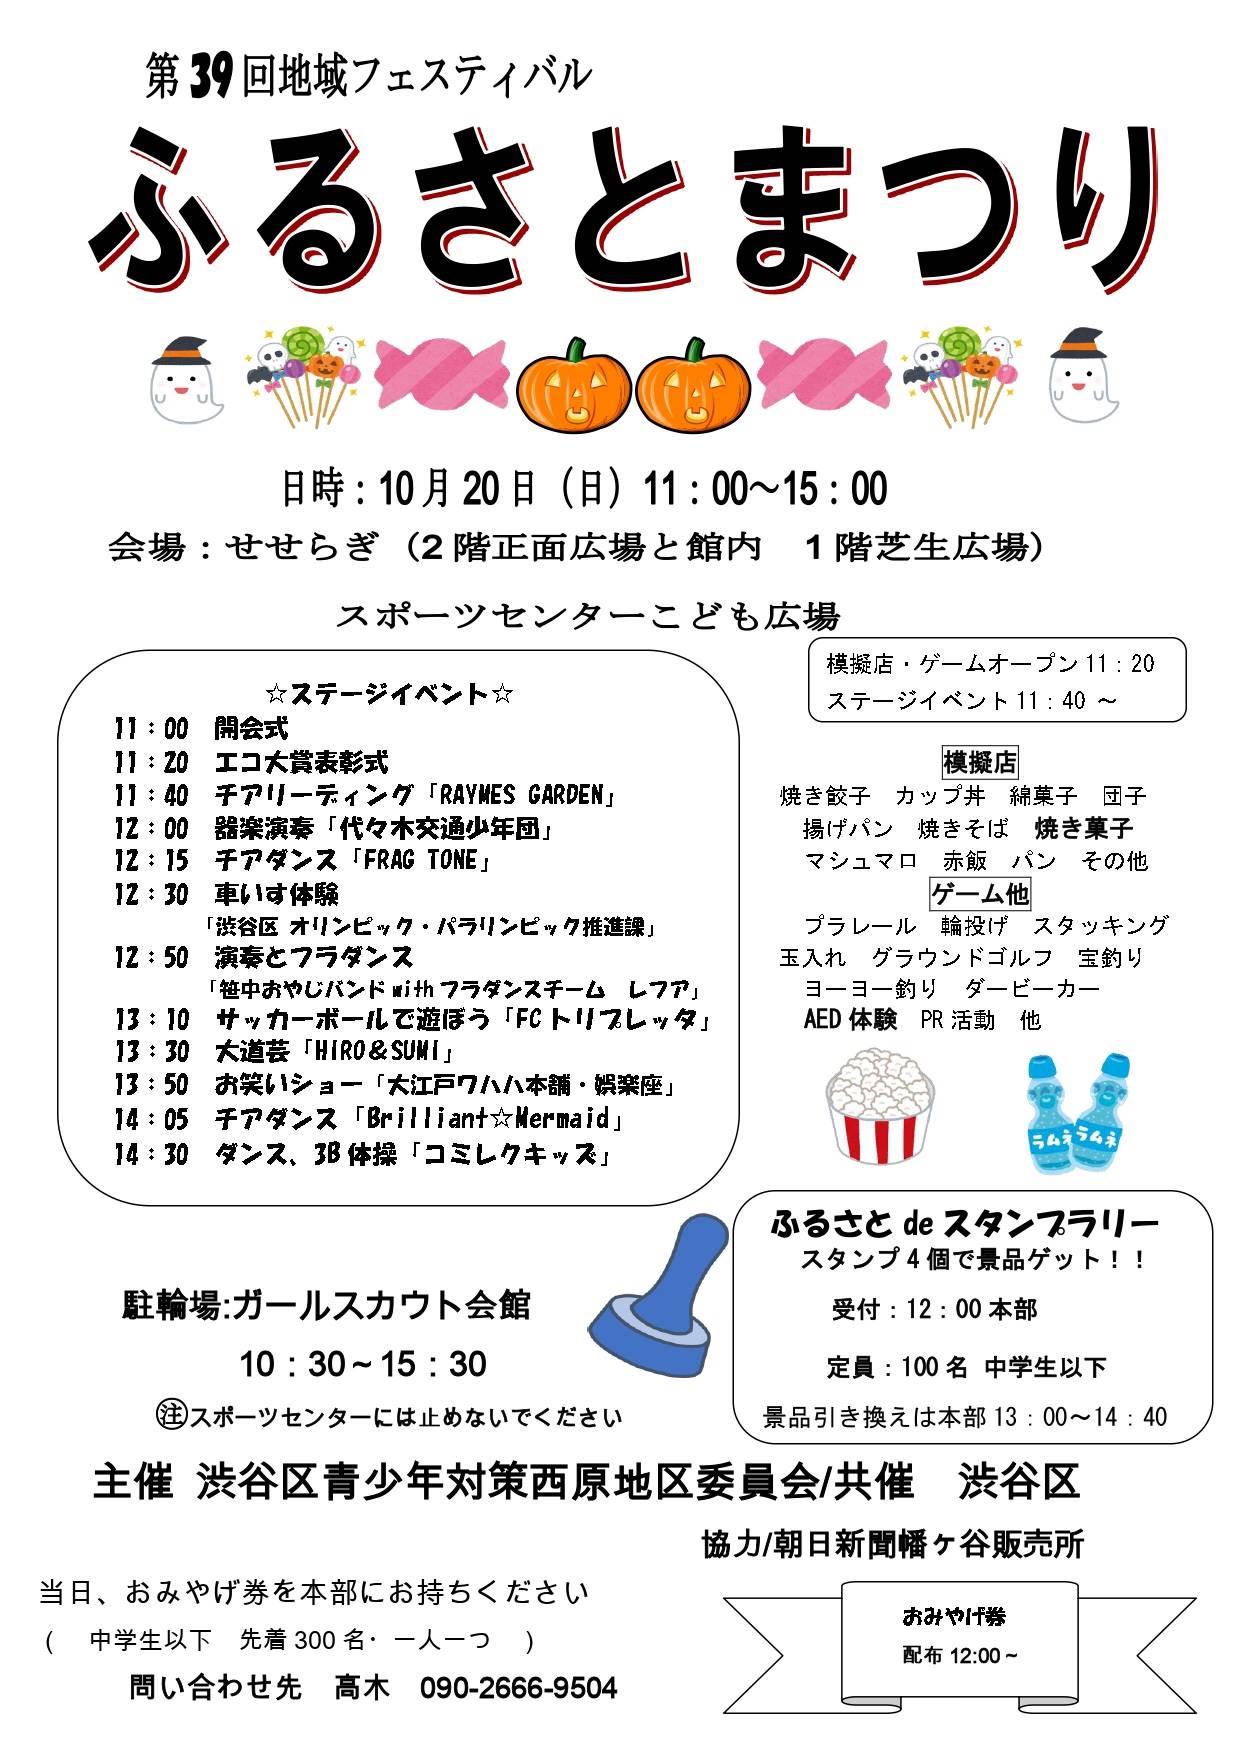 【娯楽座選抜メンバー出演】第39回地域フェスティバル「ふるさとまつり」